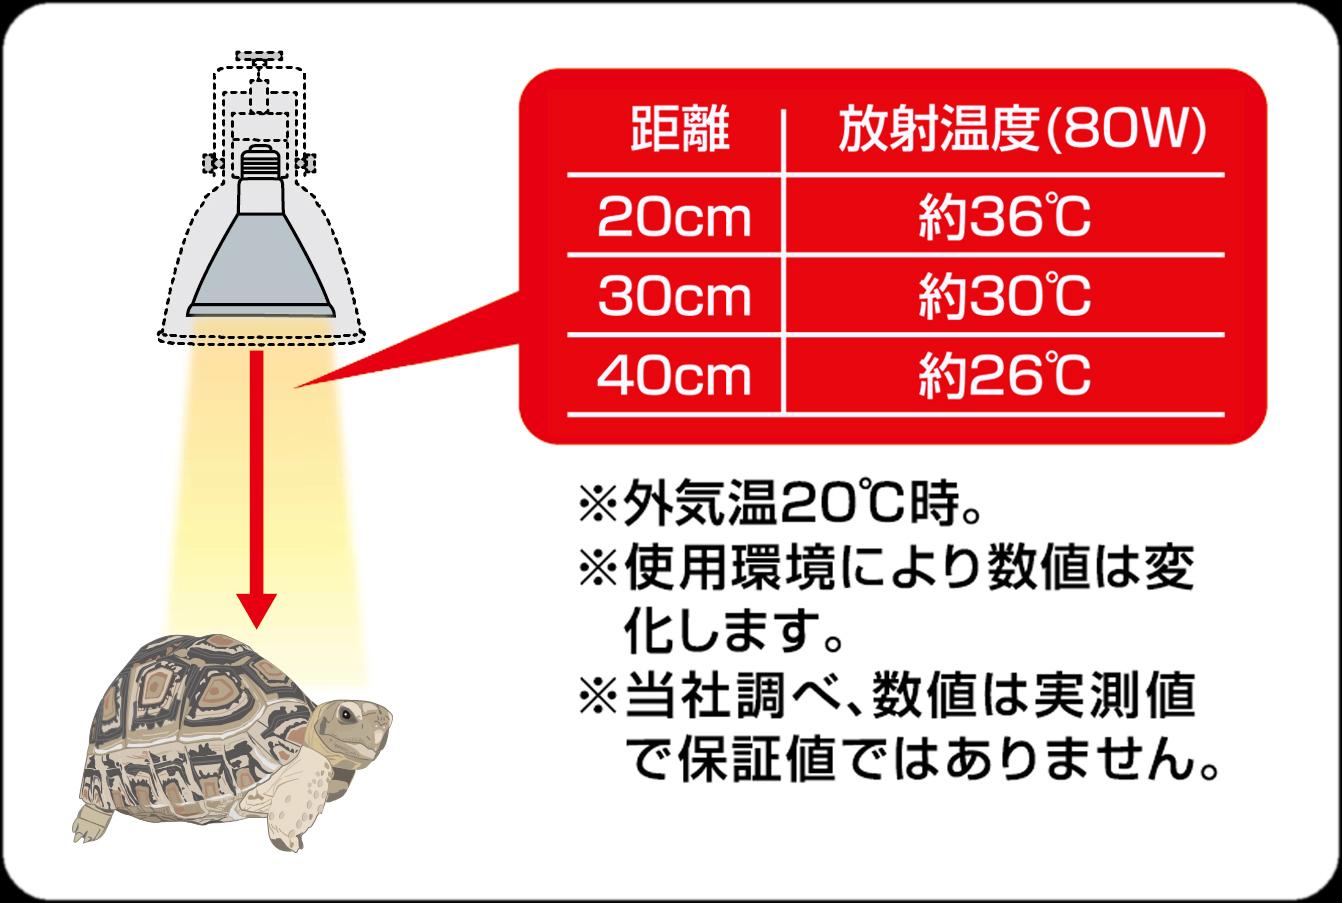 カーボンヒーター80Wの放射熱の距離と温度の目安